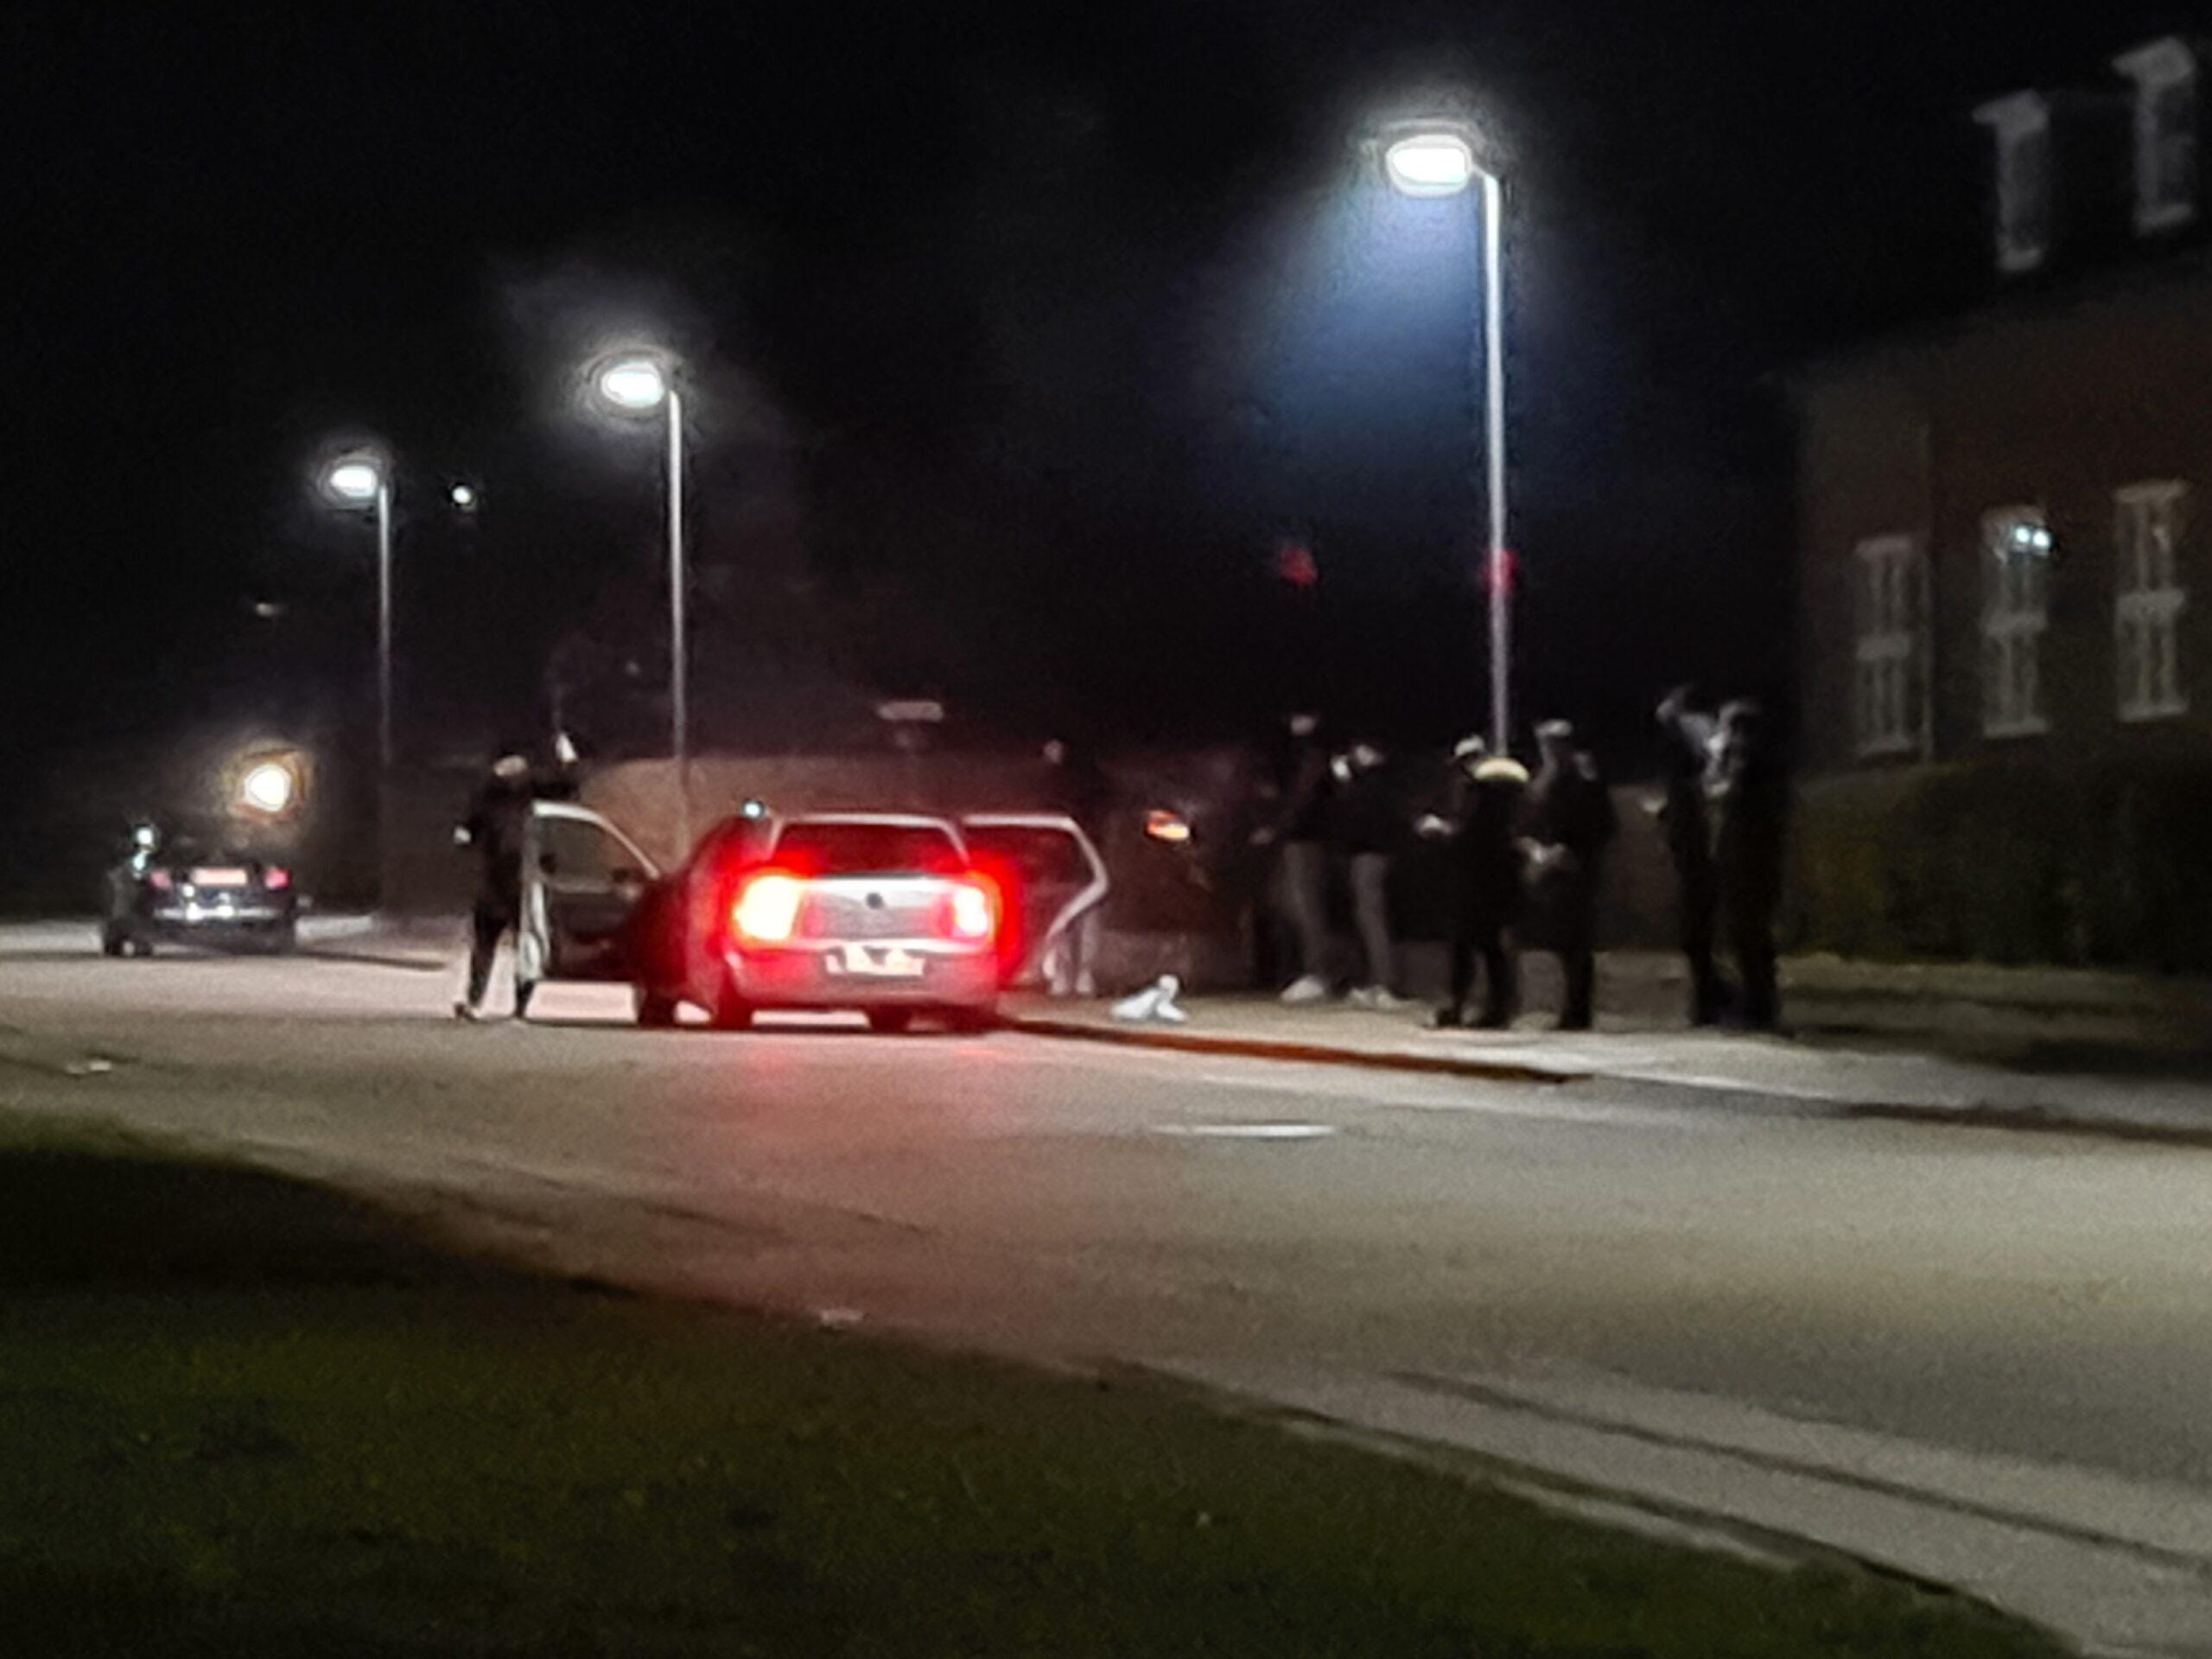 Fyrværkeri skudt ind over Kolding arrest